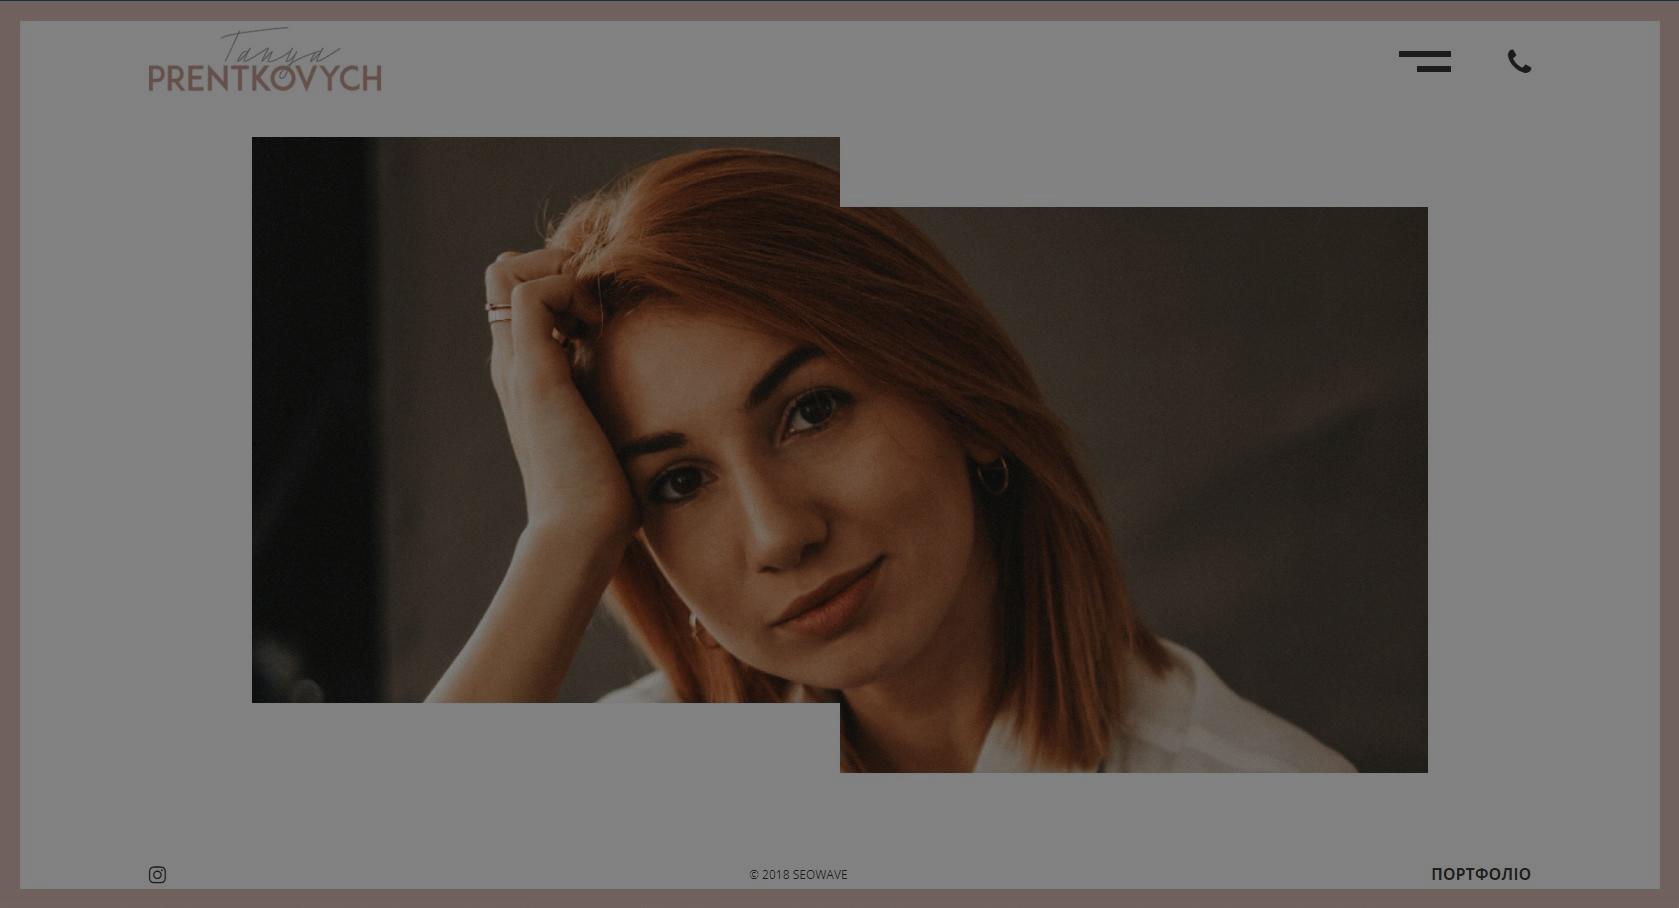 Тетяна Прентковіч